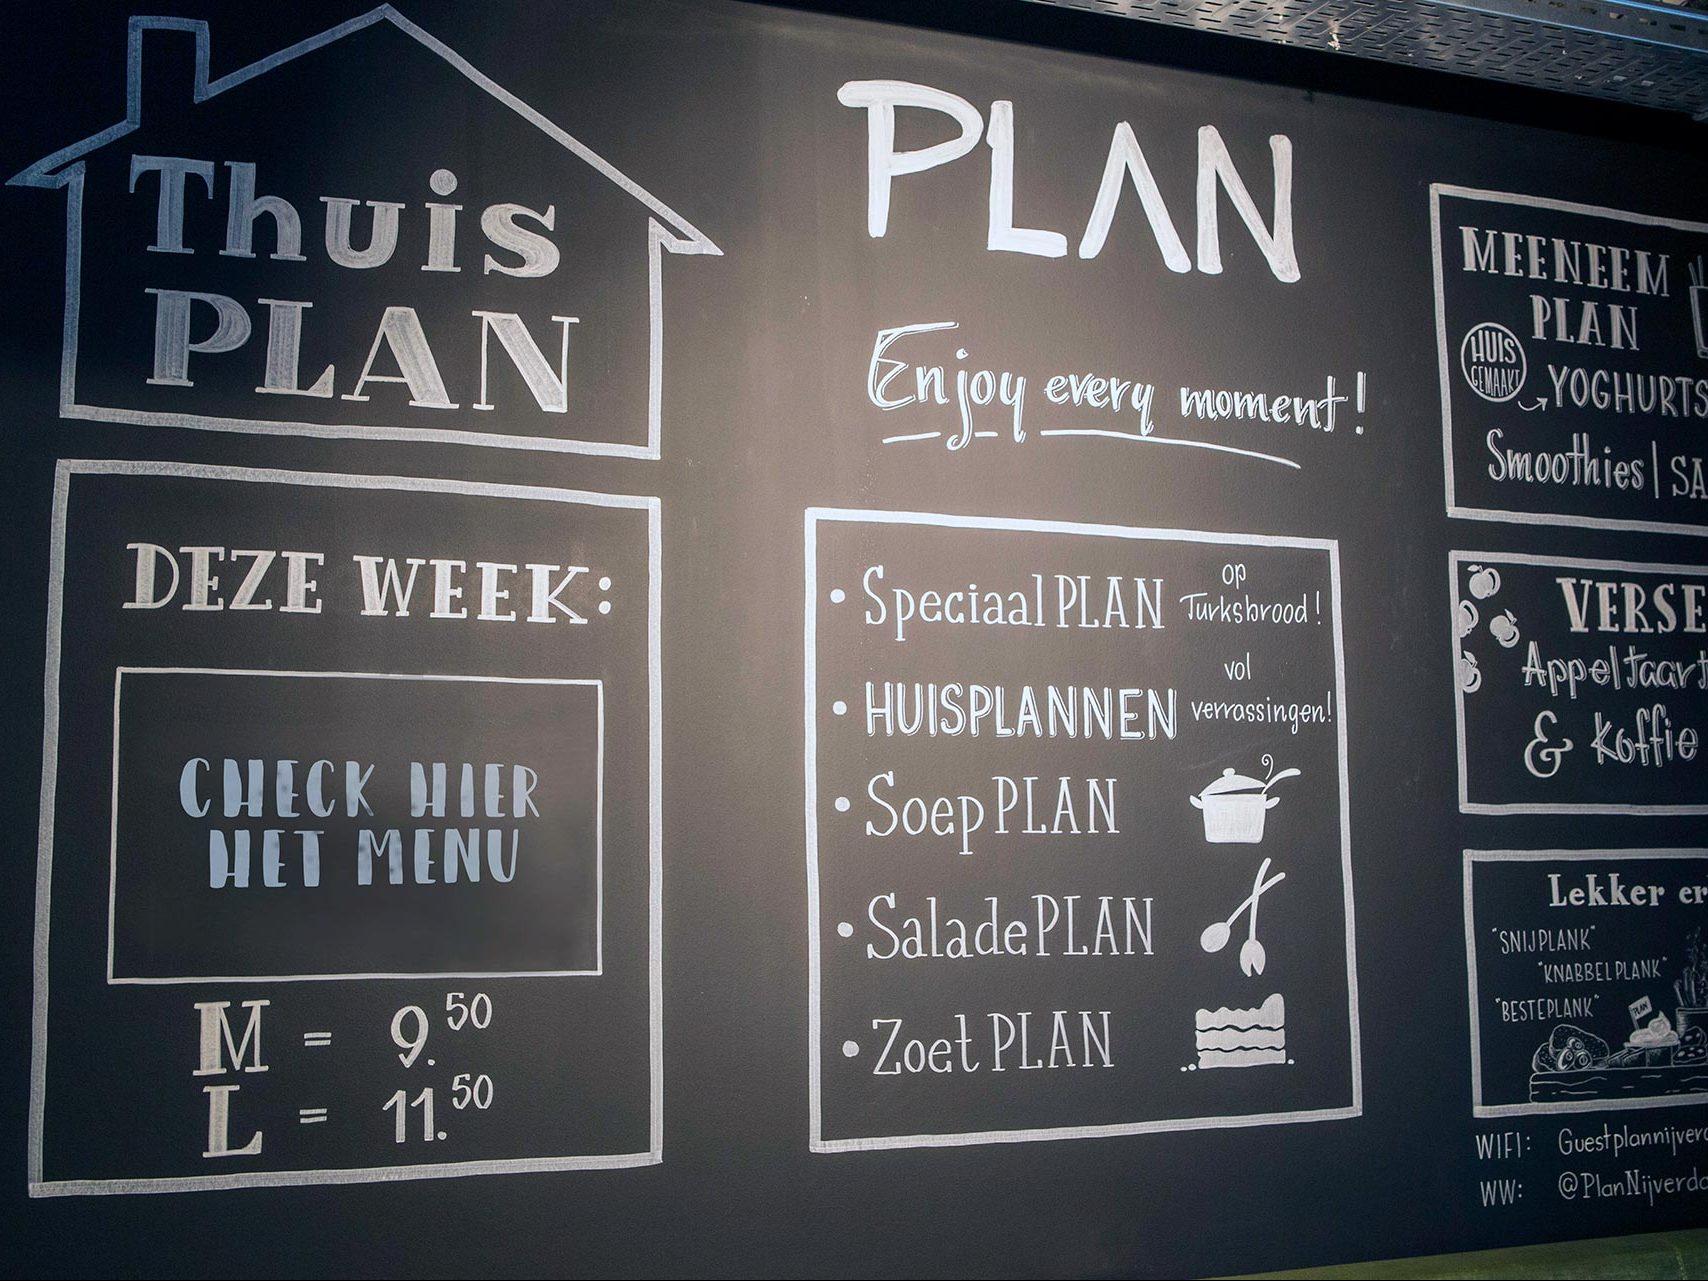 Plan Nijverdal | Thuisplan